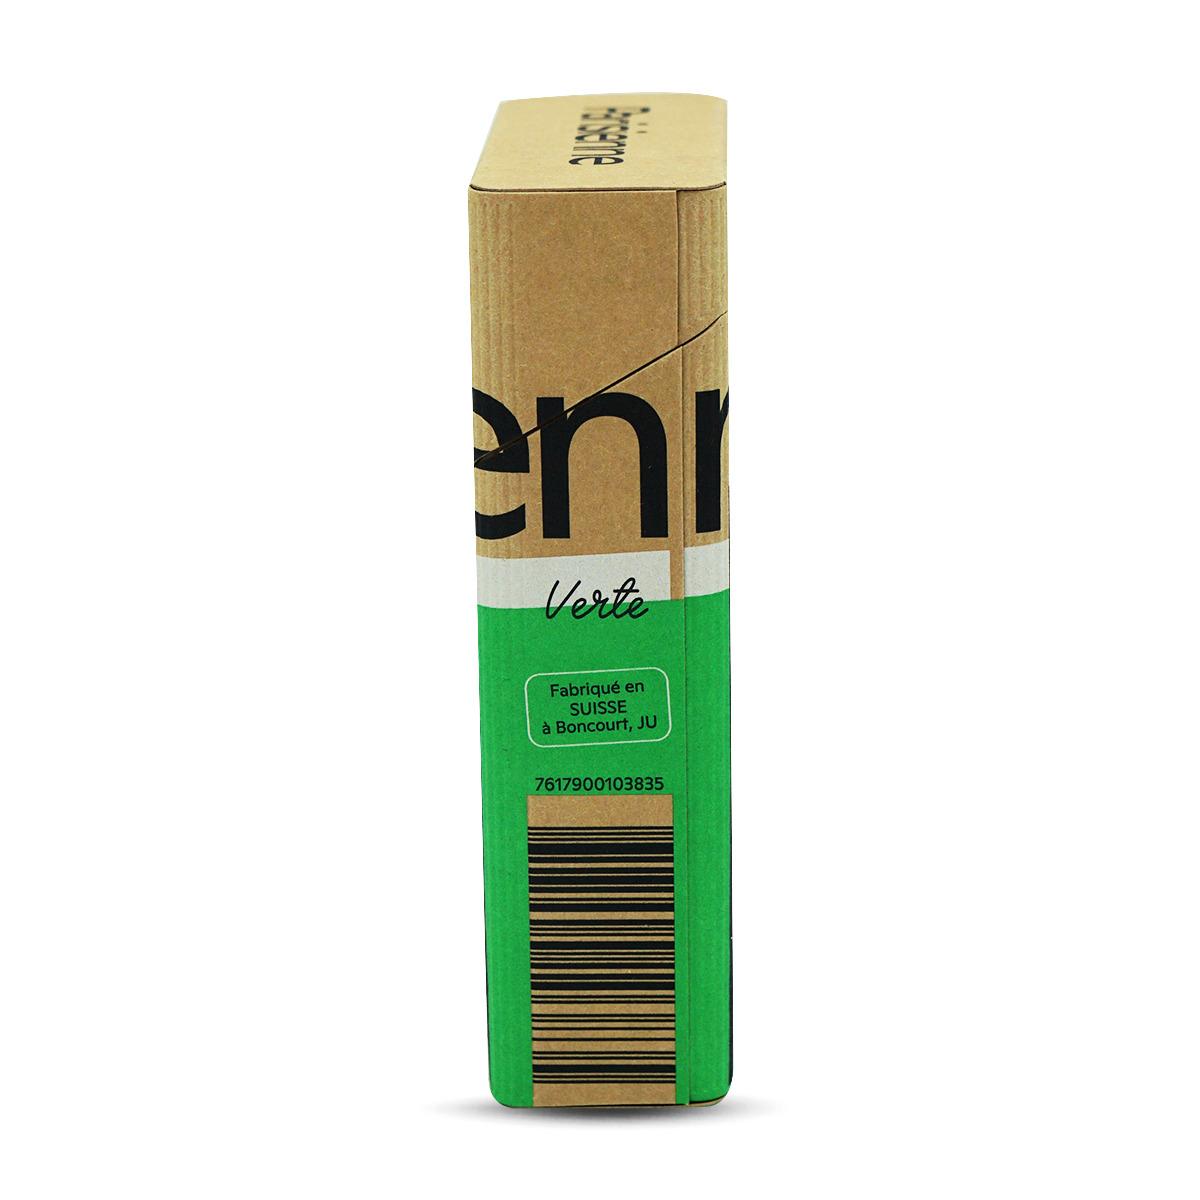 Parisienne Verte Zigaretten